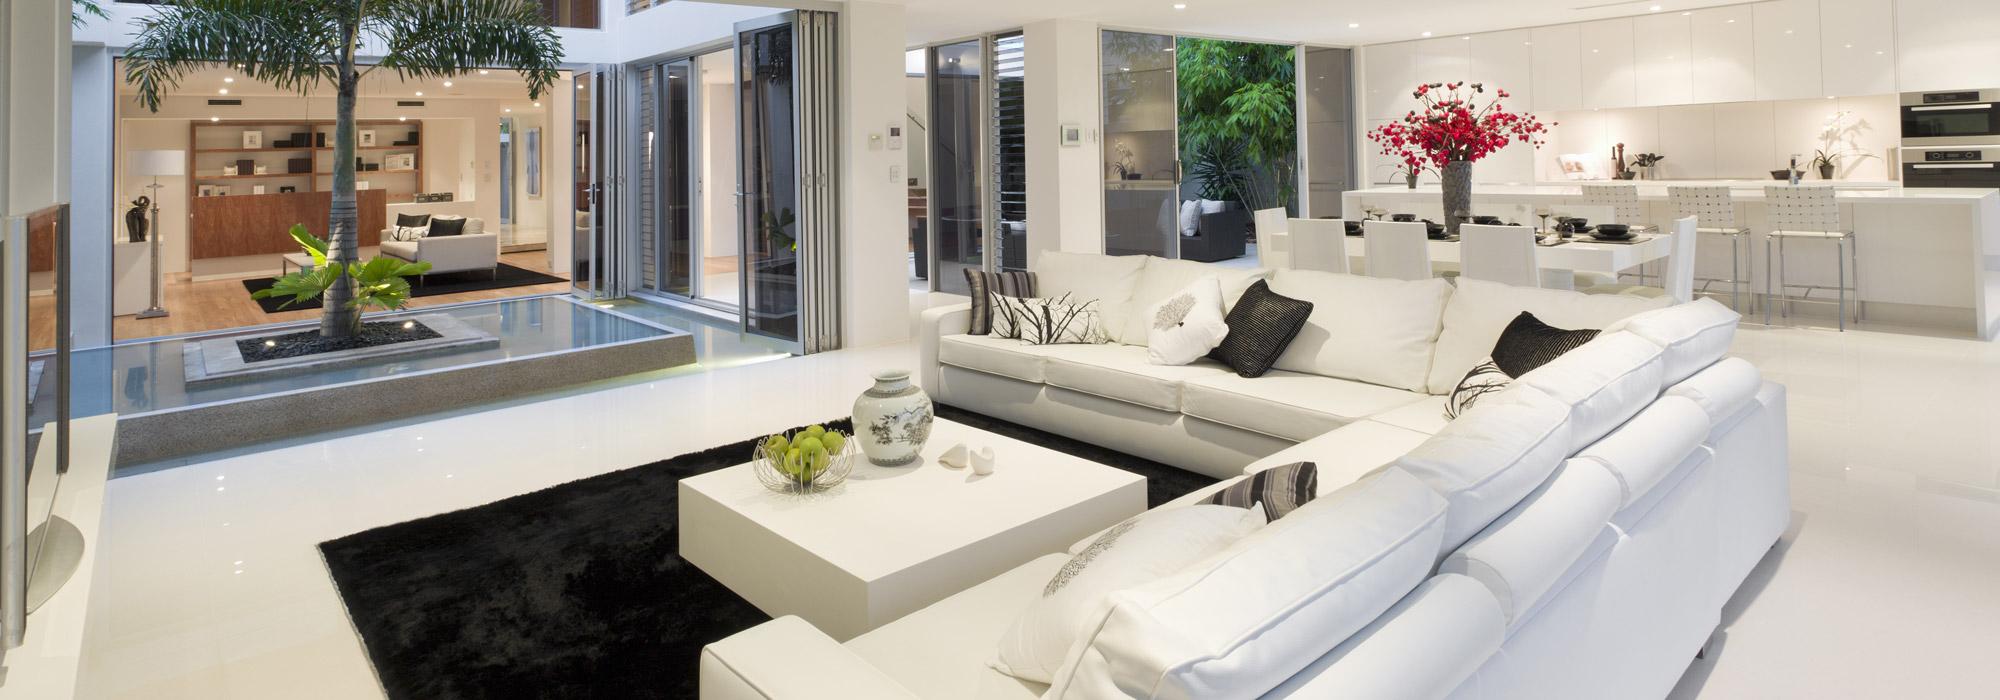 покупка и продажа квартир в Новом Уренгое